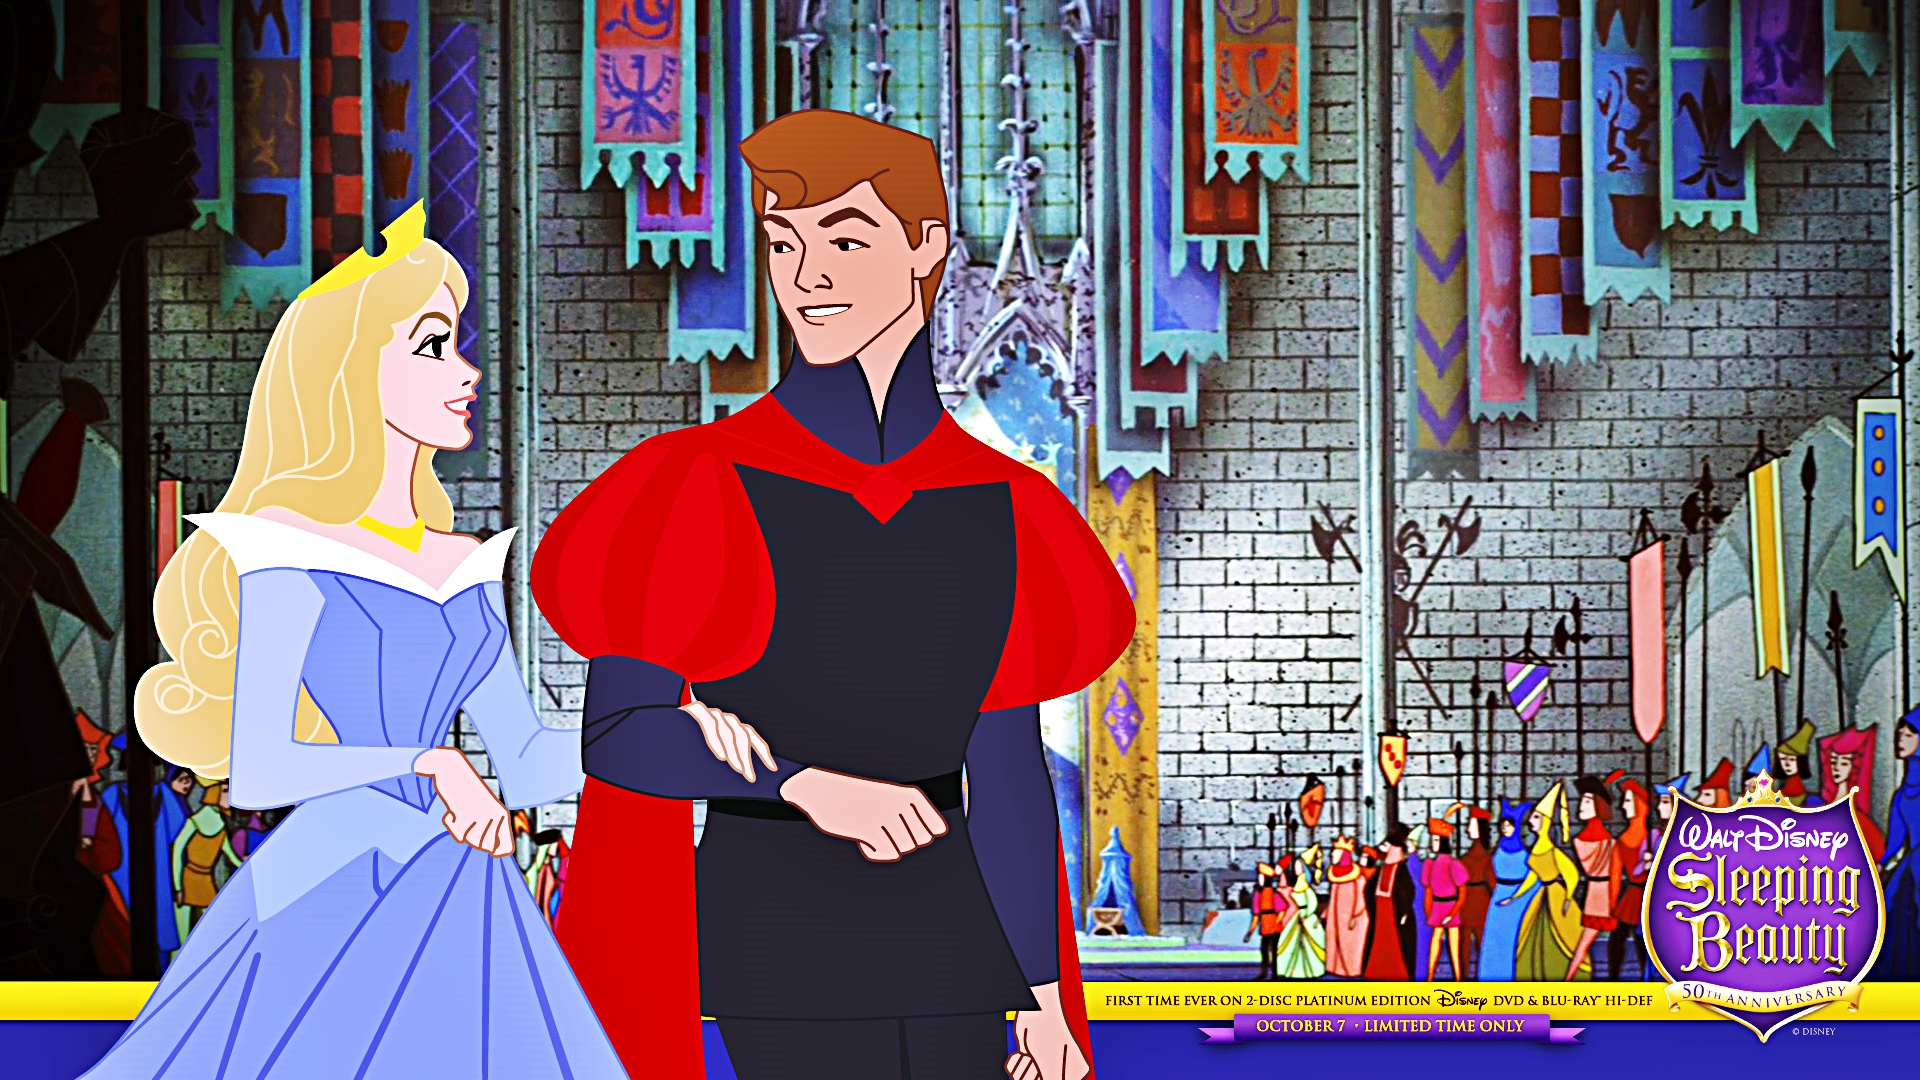 Walt Disney Wallpapers - Sleeping Beauty